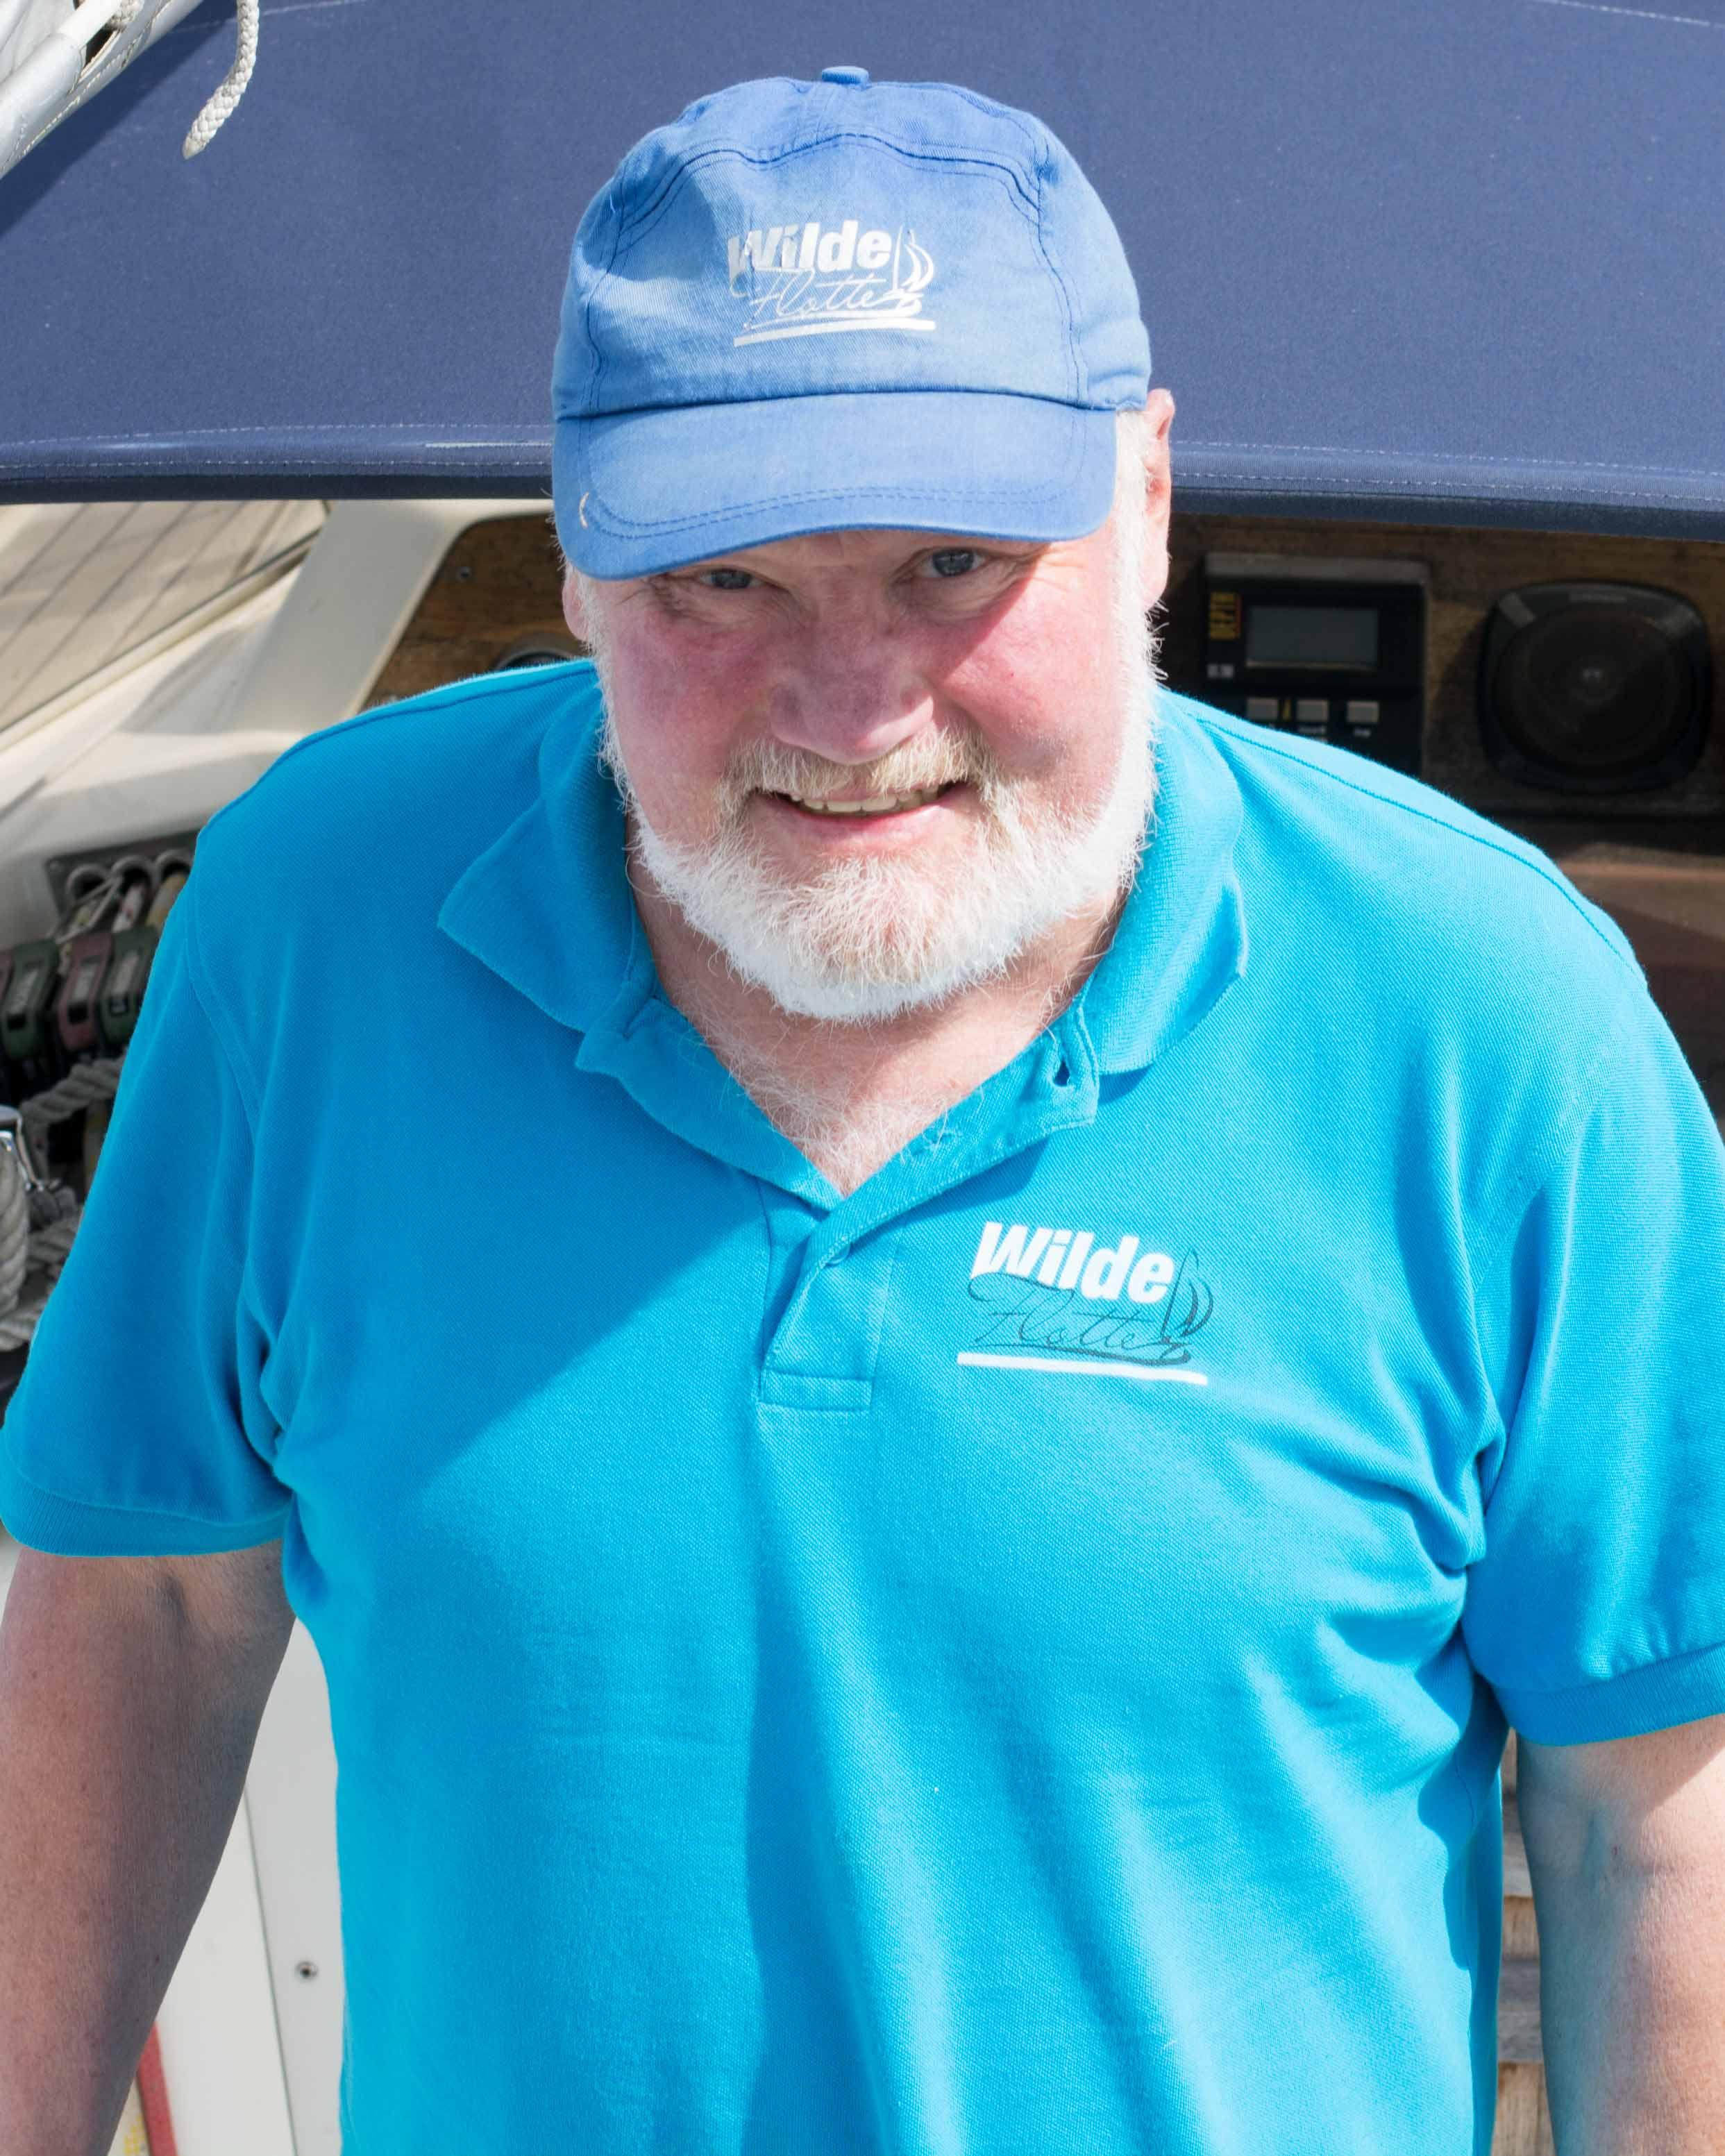 Martin - Zusammen mit Uli gehört er zu den erfahrensten im Team. Hat mehr als 16000 Seemeilen, überwiegend als Skipper, auf jeglichen Gewässern auf dem Buckel. Ist Inhaber des SKS, SSS und SHS. Als Leidenschaftlicher Hobbymeteorologe bietet er bei uns auch ein Wetterseminar an. Ansonsten ist er als Skipper oder Motorboot- und Segellehrer seit 2015 bei der Wilden Flotte tätig.